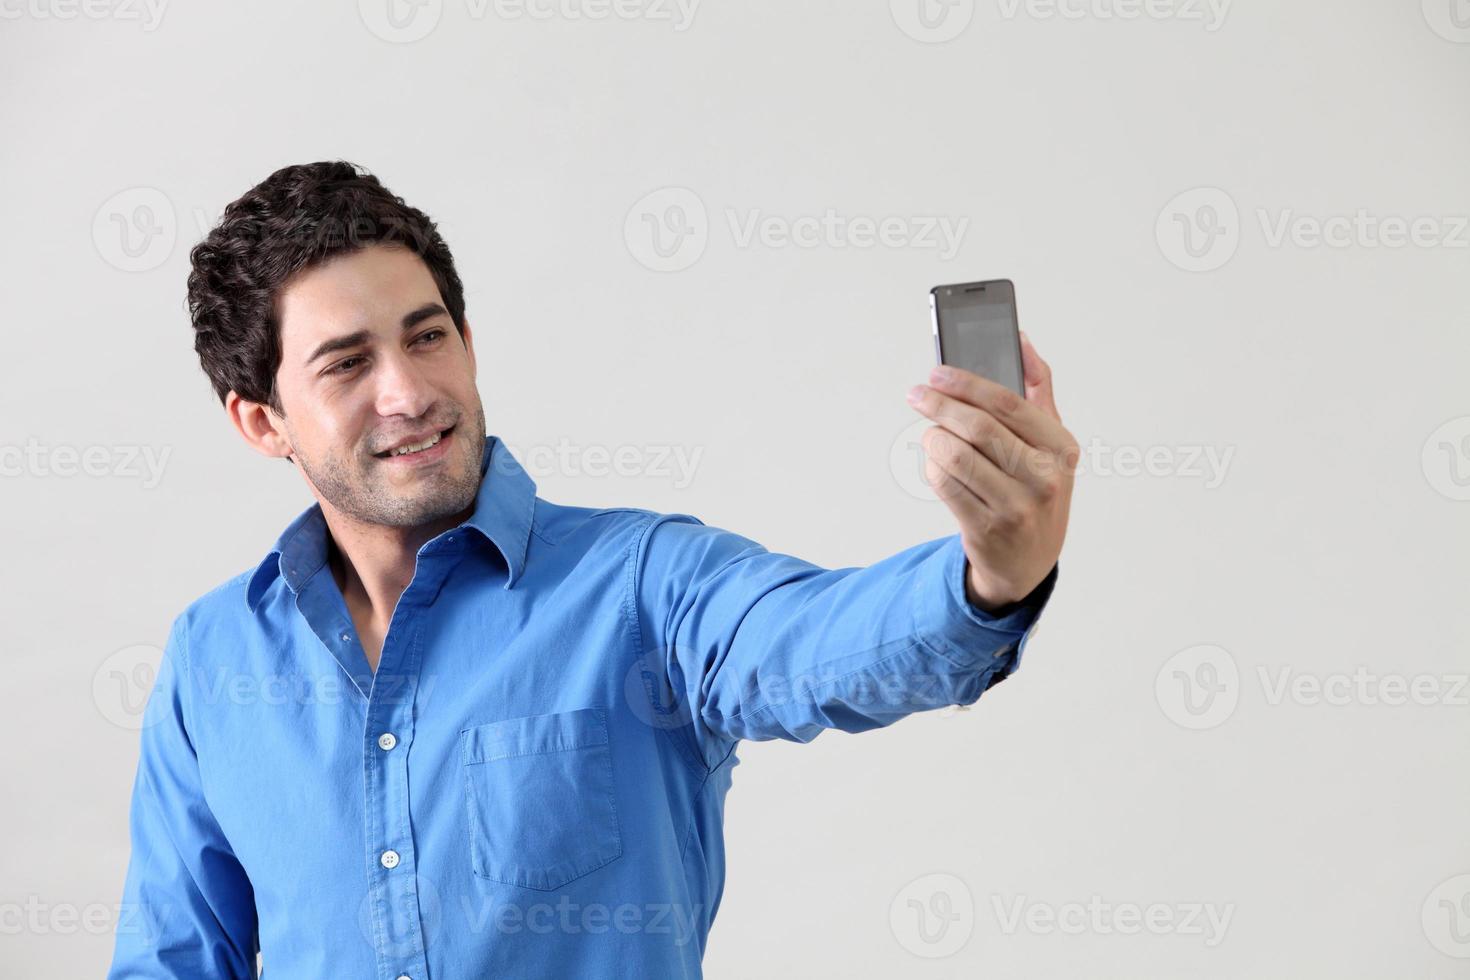 auto-retrato foto